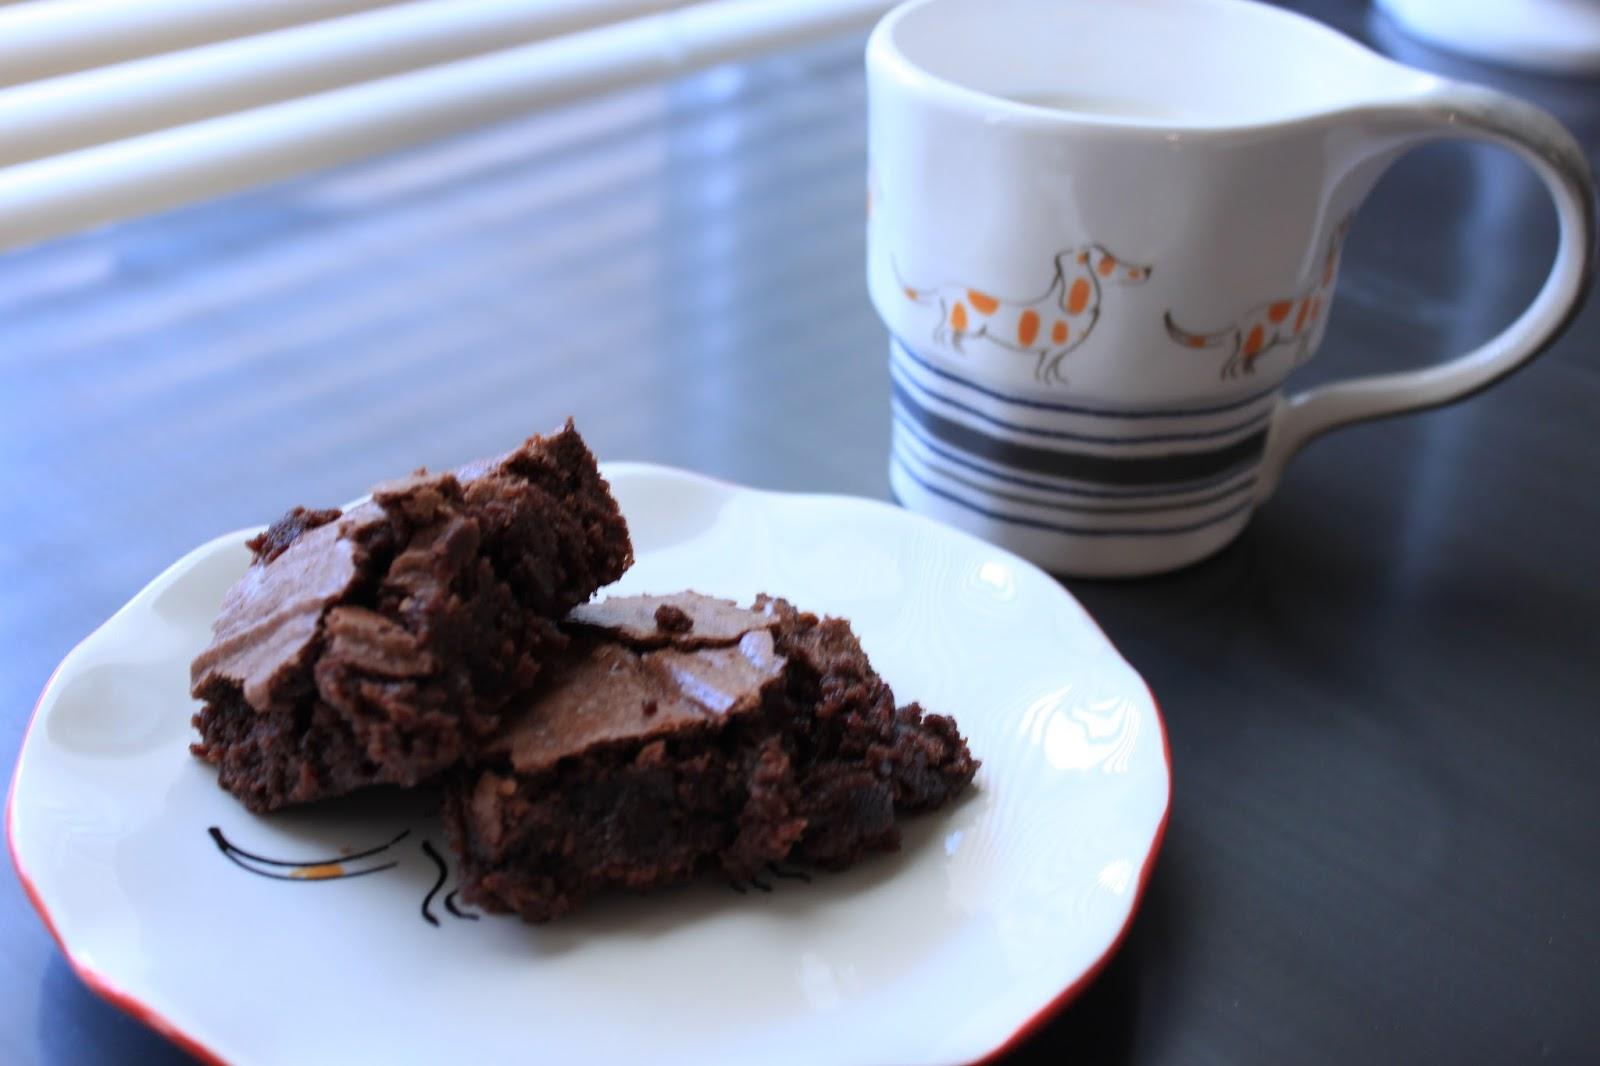 My favorite brownies | Measure & Whisk: Real food cooking ...